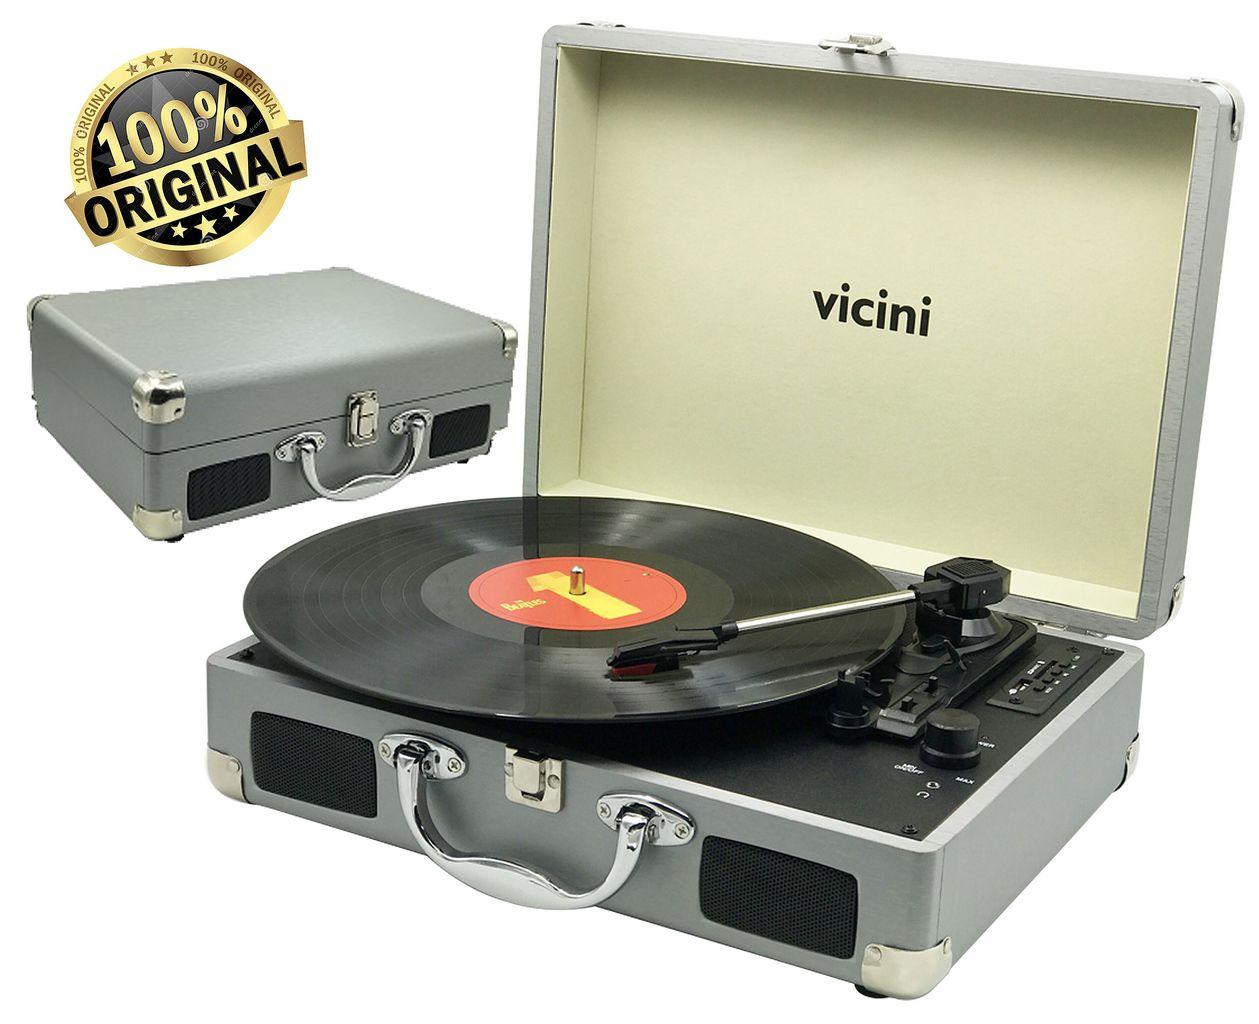 Vitrola Toca Discos Classic Retrô Bluetooth Usb Sd Rádio Fm Grava Reproduz Bivolt Aux Prata VC-285 Vicini Original